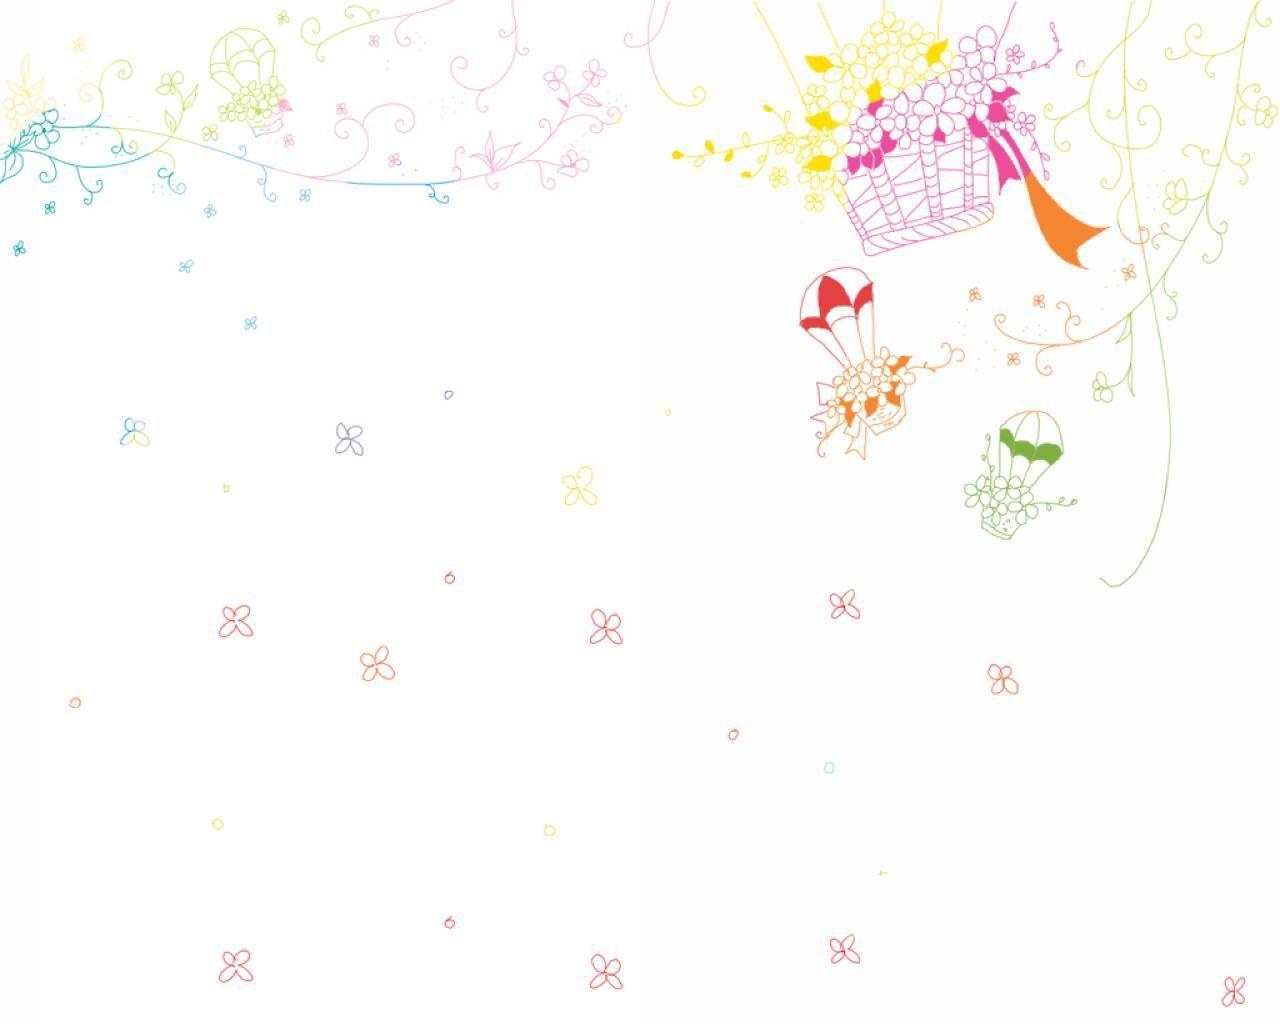 37 Best Free Cute Korean Phone Wallpapers